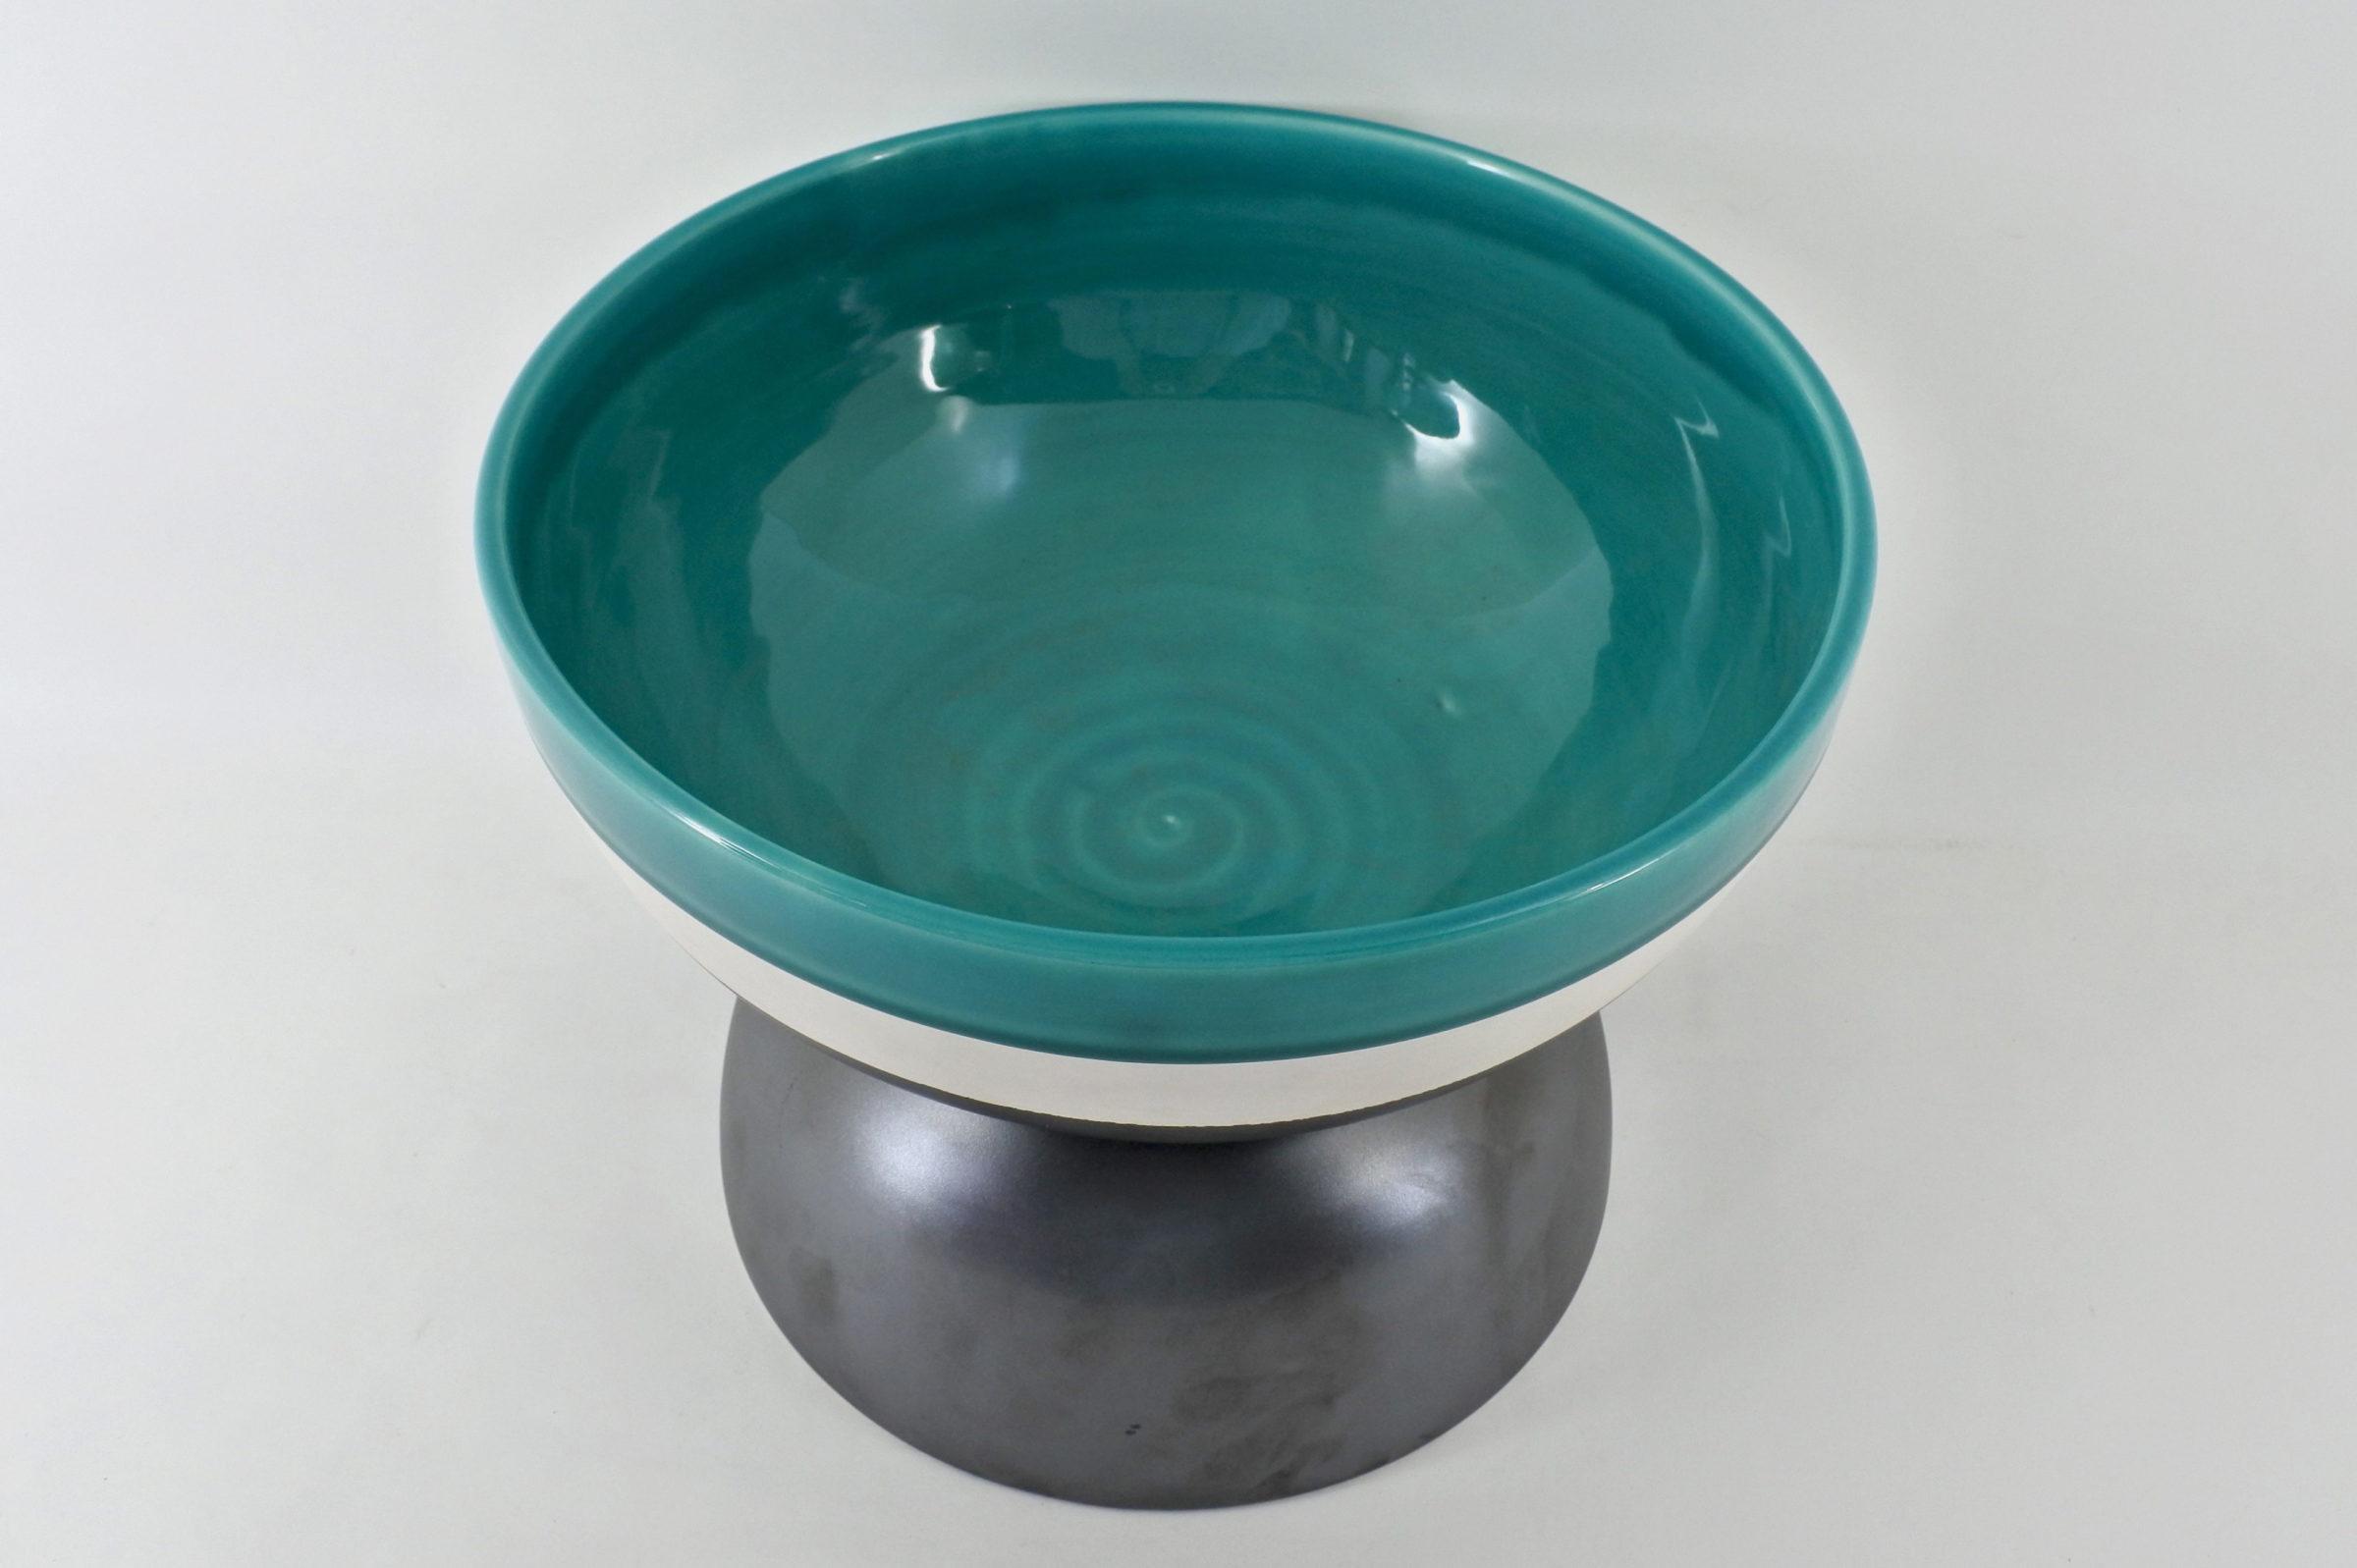 Designer Ettore Sottsass - Coppa in ceramica - 2